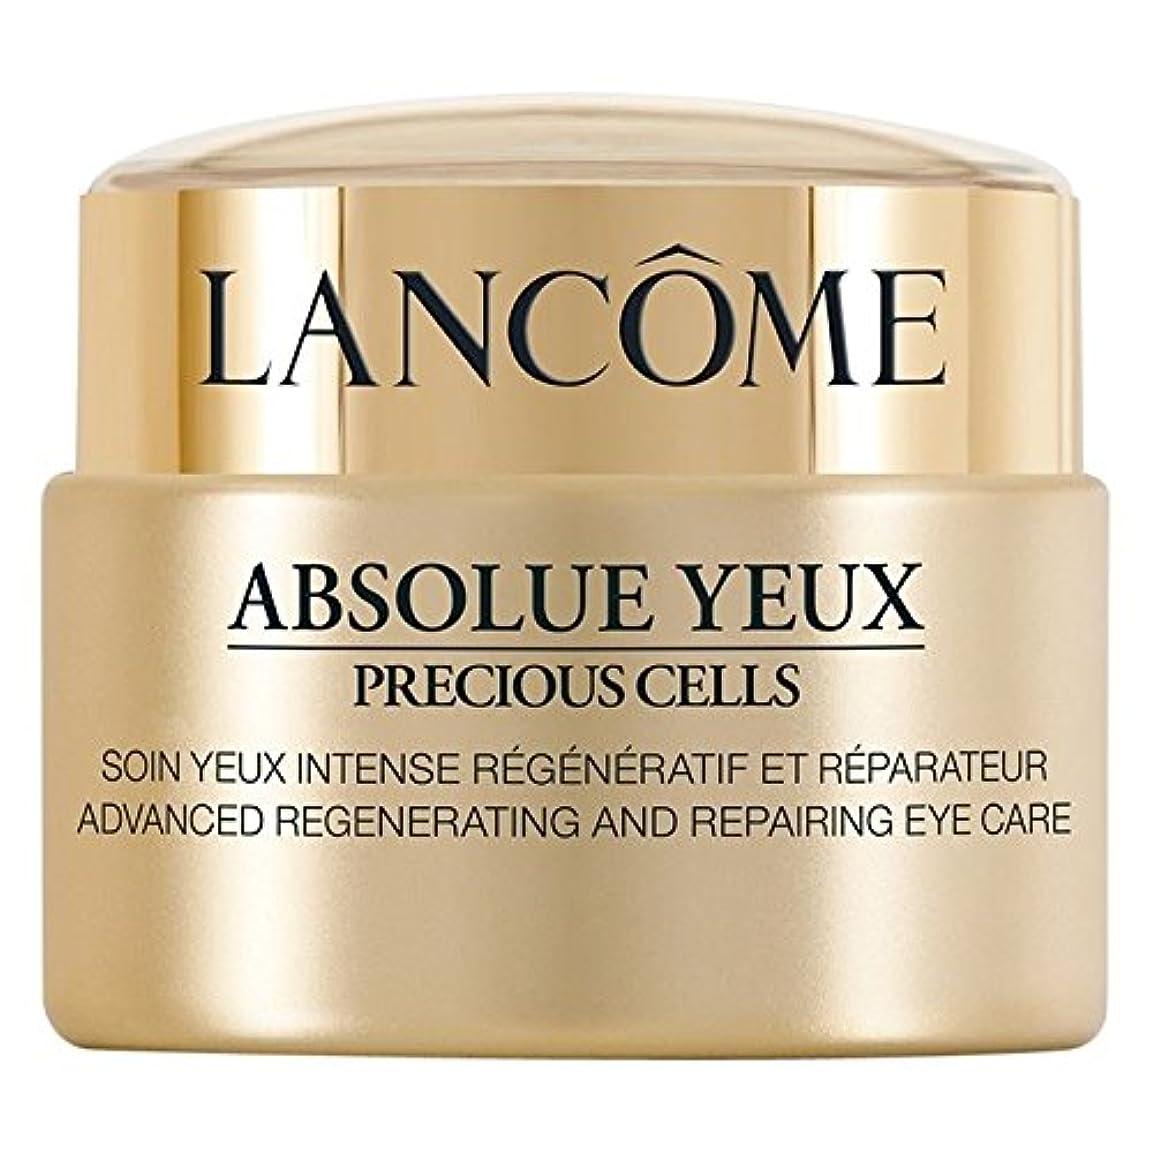 依存する粘液知覚的[Lanc?me] ランコムアブソリュのYeux貴重なセルアイクリーム20ミリリットル - Lanc?me Absolue Yeux Precious Cells Eye Cream 20ml [並行輸入品]